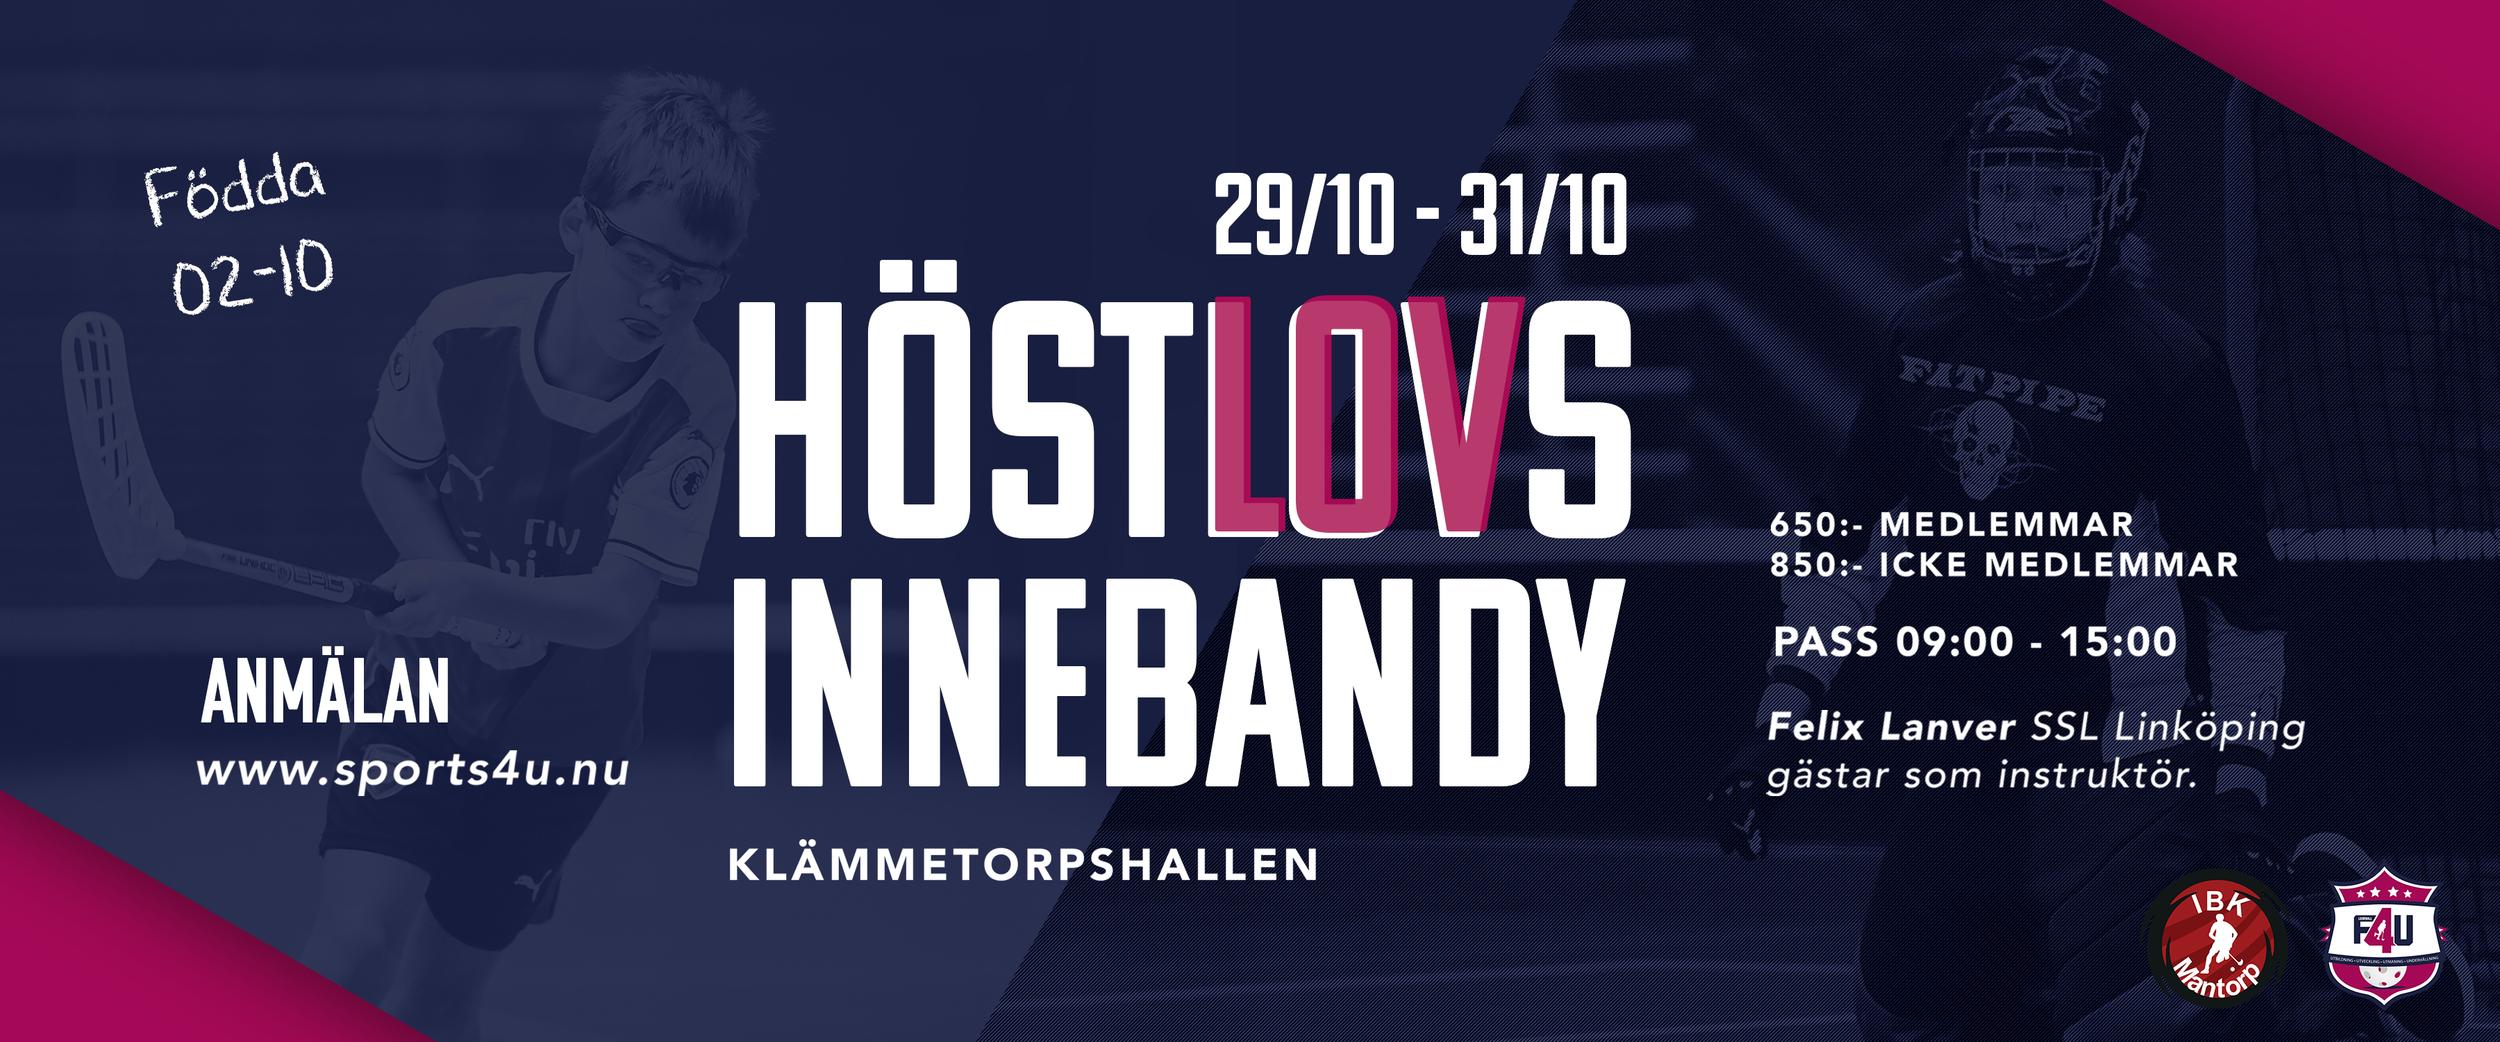 Höstlovs-innebandy-2018-banner-large.png